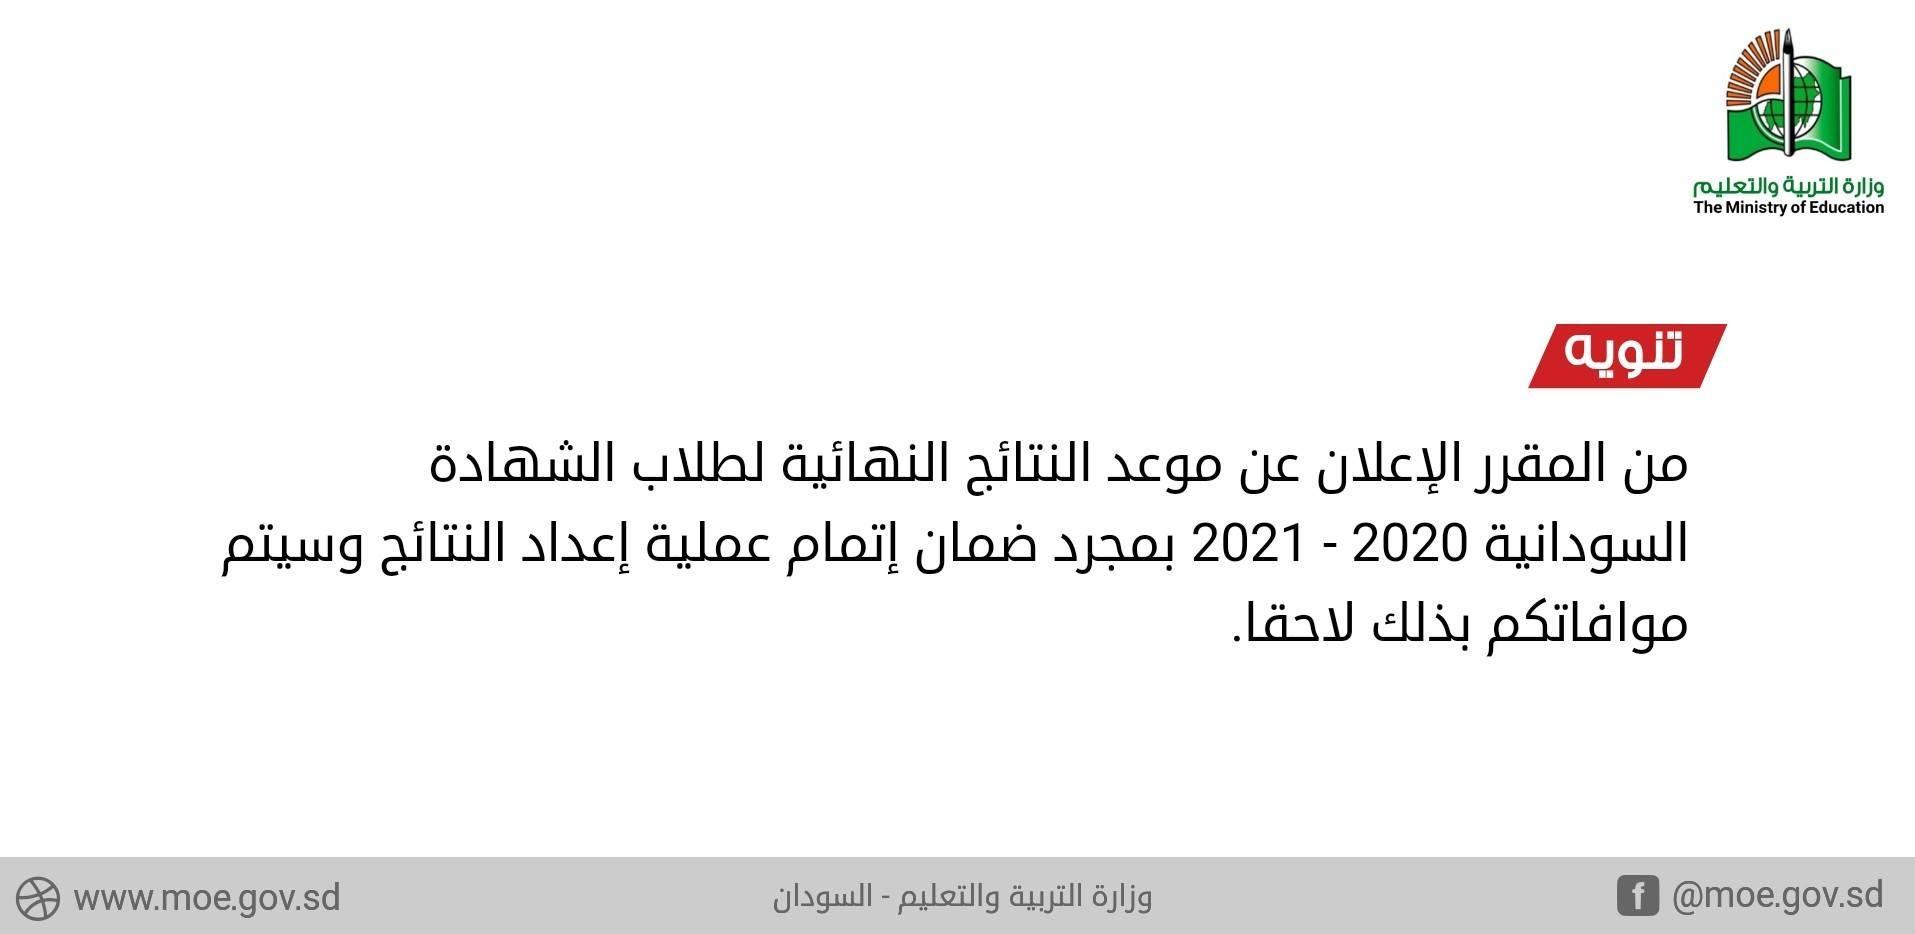 موعد نتيجة الشهادة السودانية 2020-2021